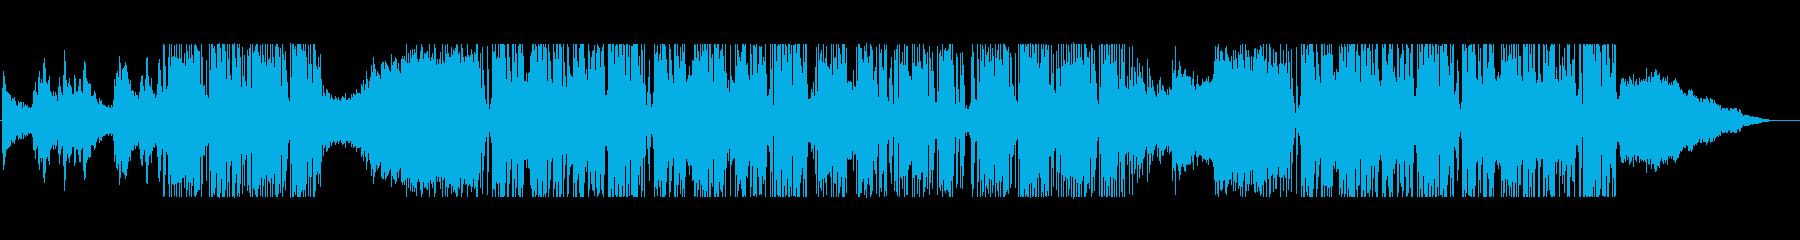 和の雰囲気が特徴的なビートの再生済みの波形